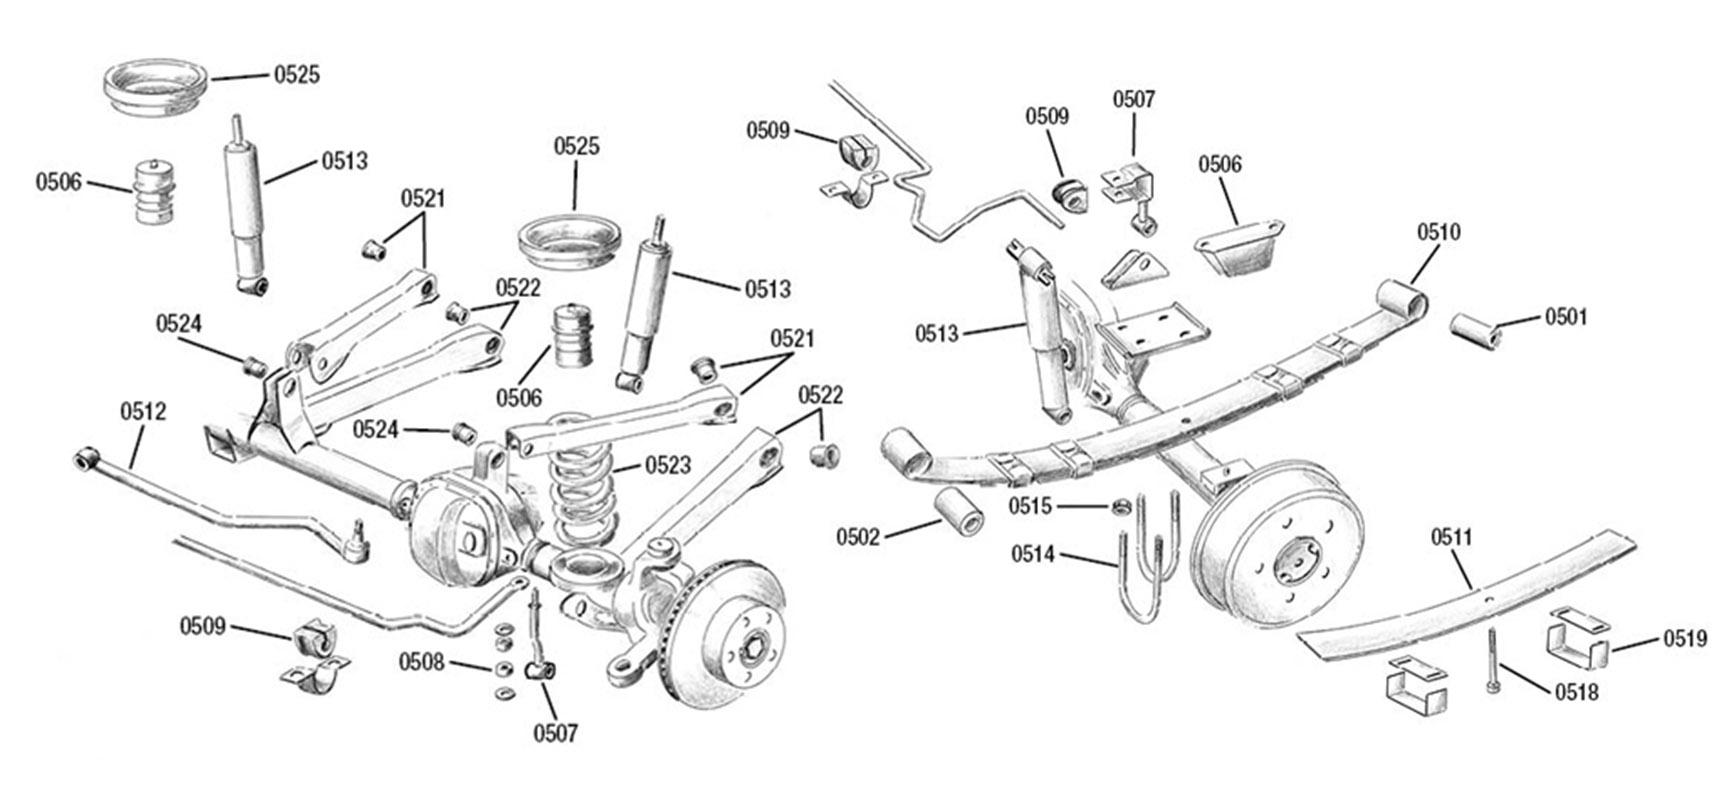 jeep schema moteur electrique